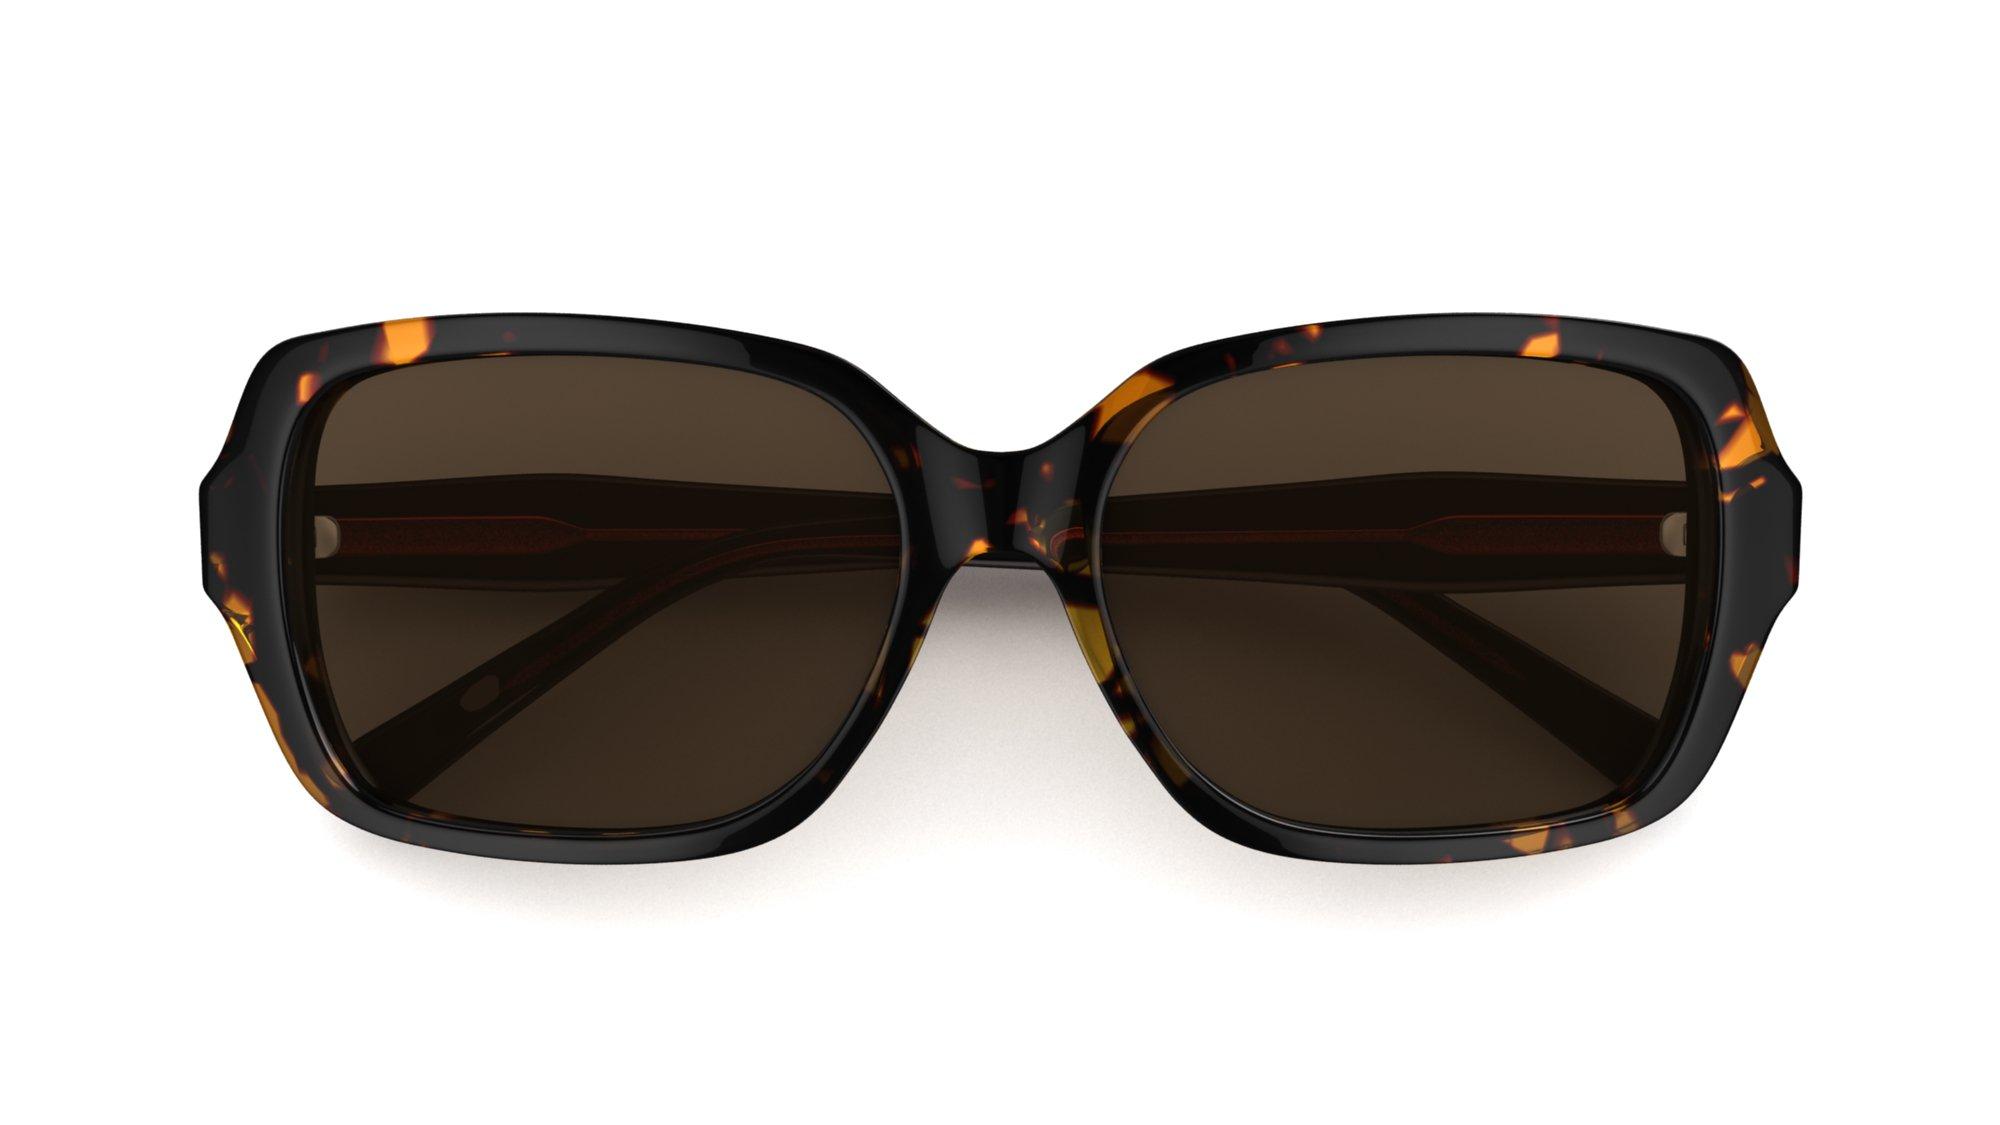 Solbriller havannabrunt Specsavers